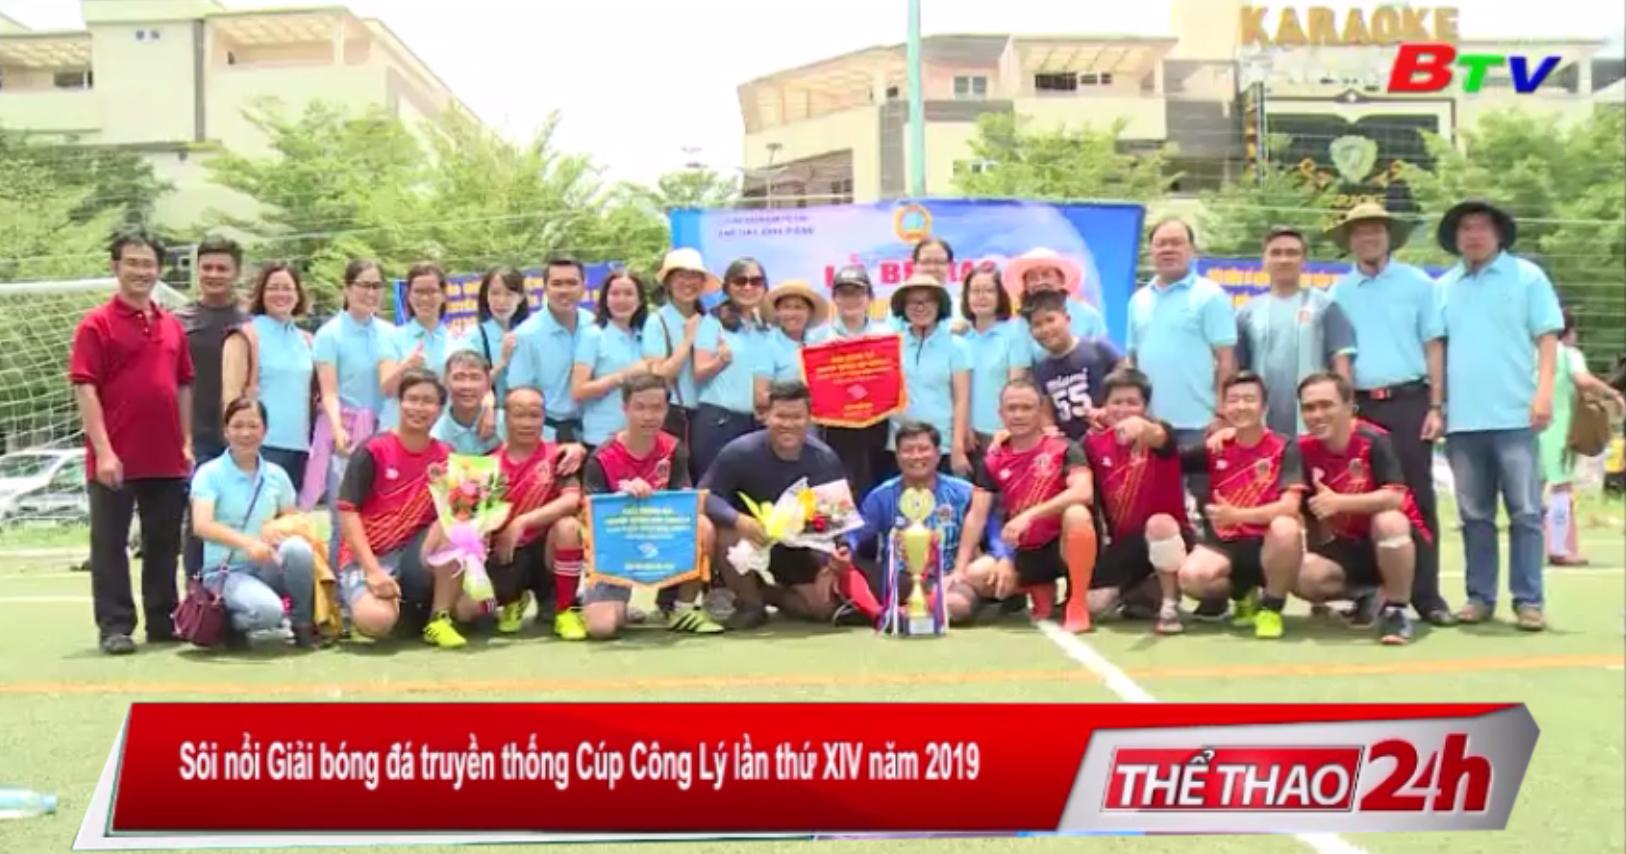 Sôi nổi Giải bóng đá truyền thống Cúp Công Lý lần thứ XIV năm 2019